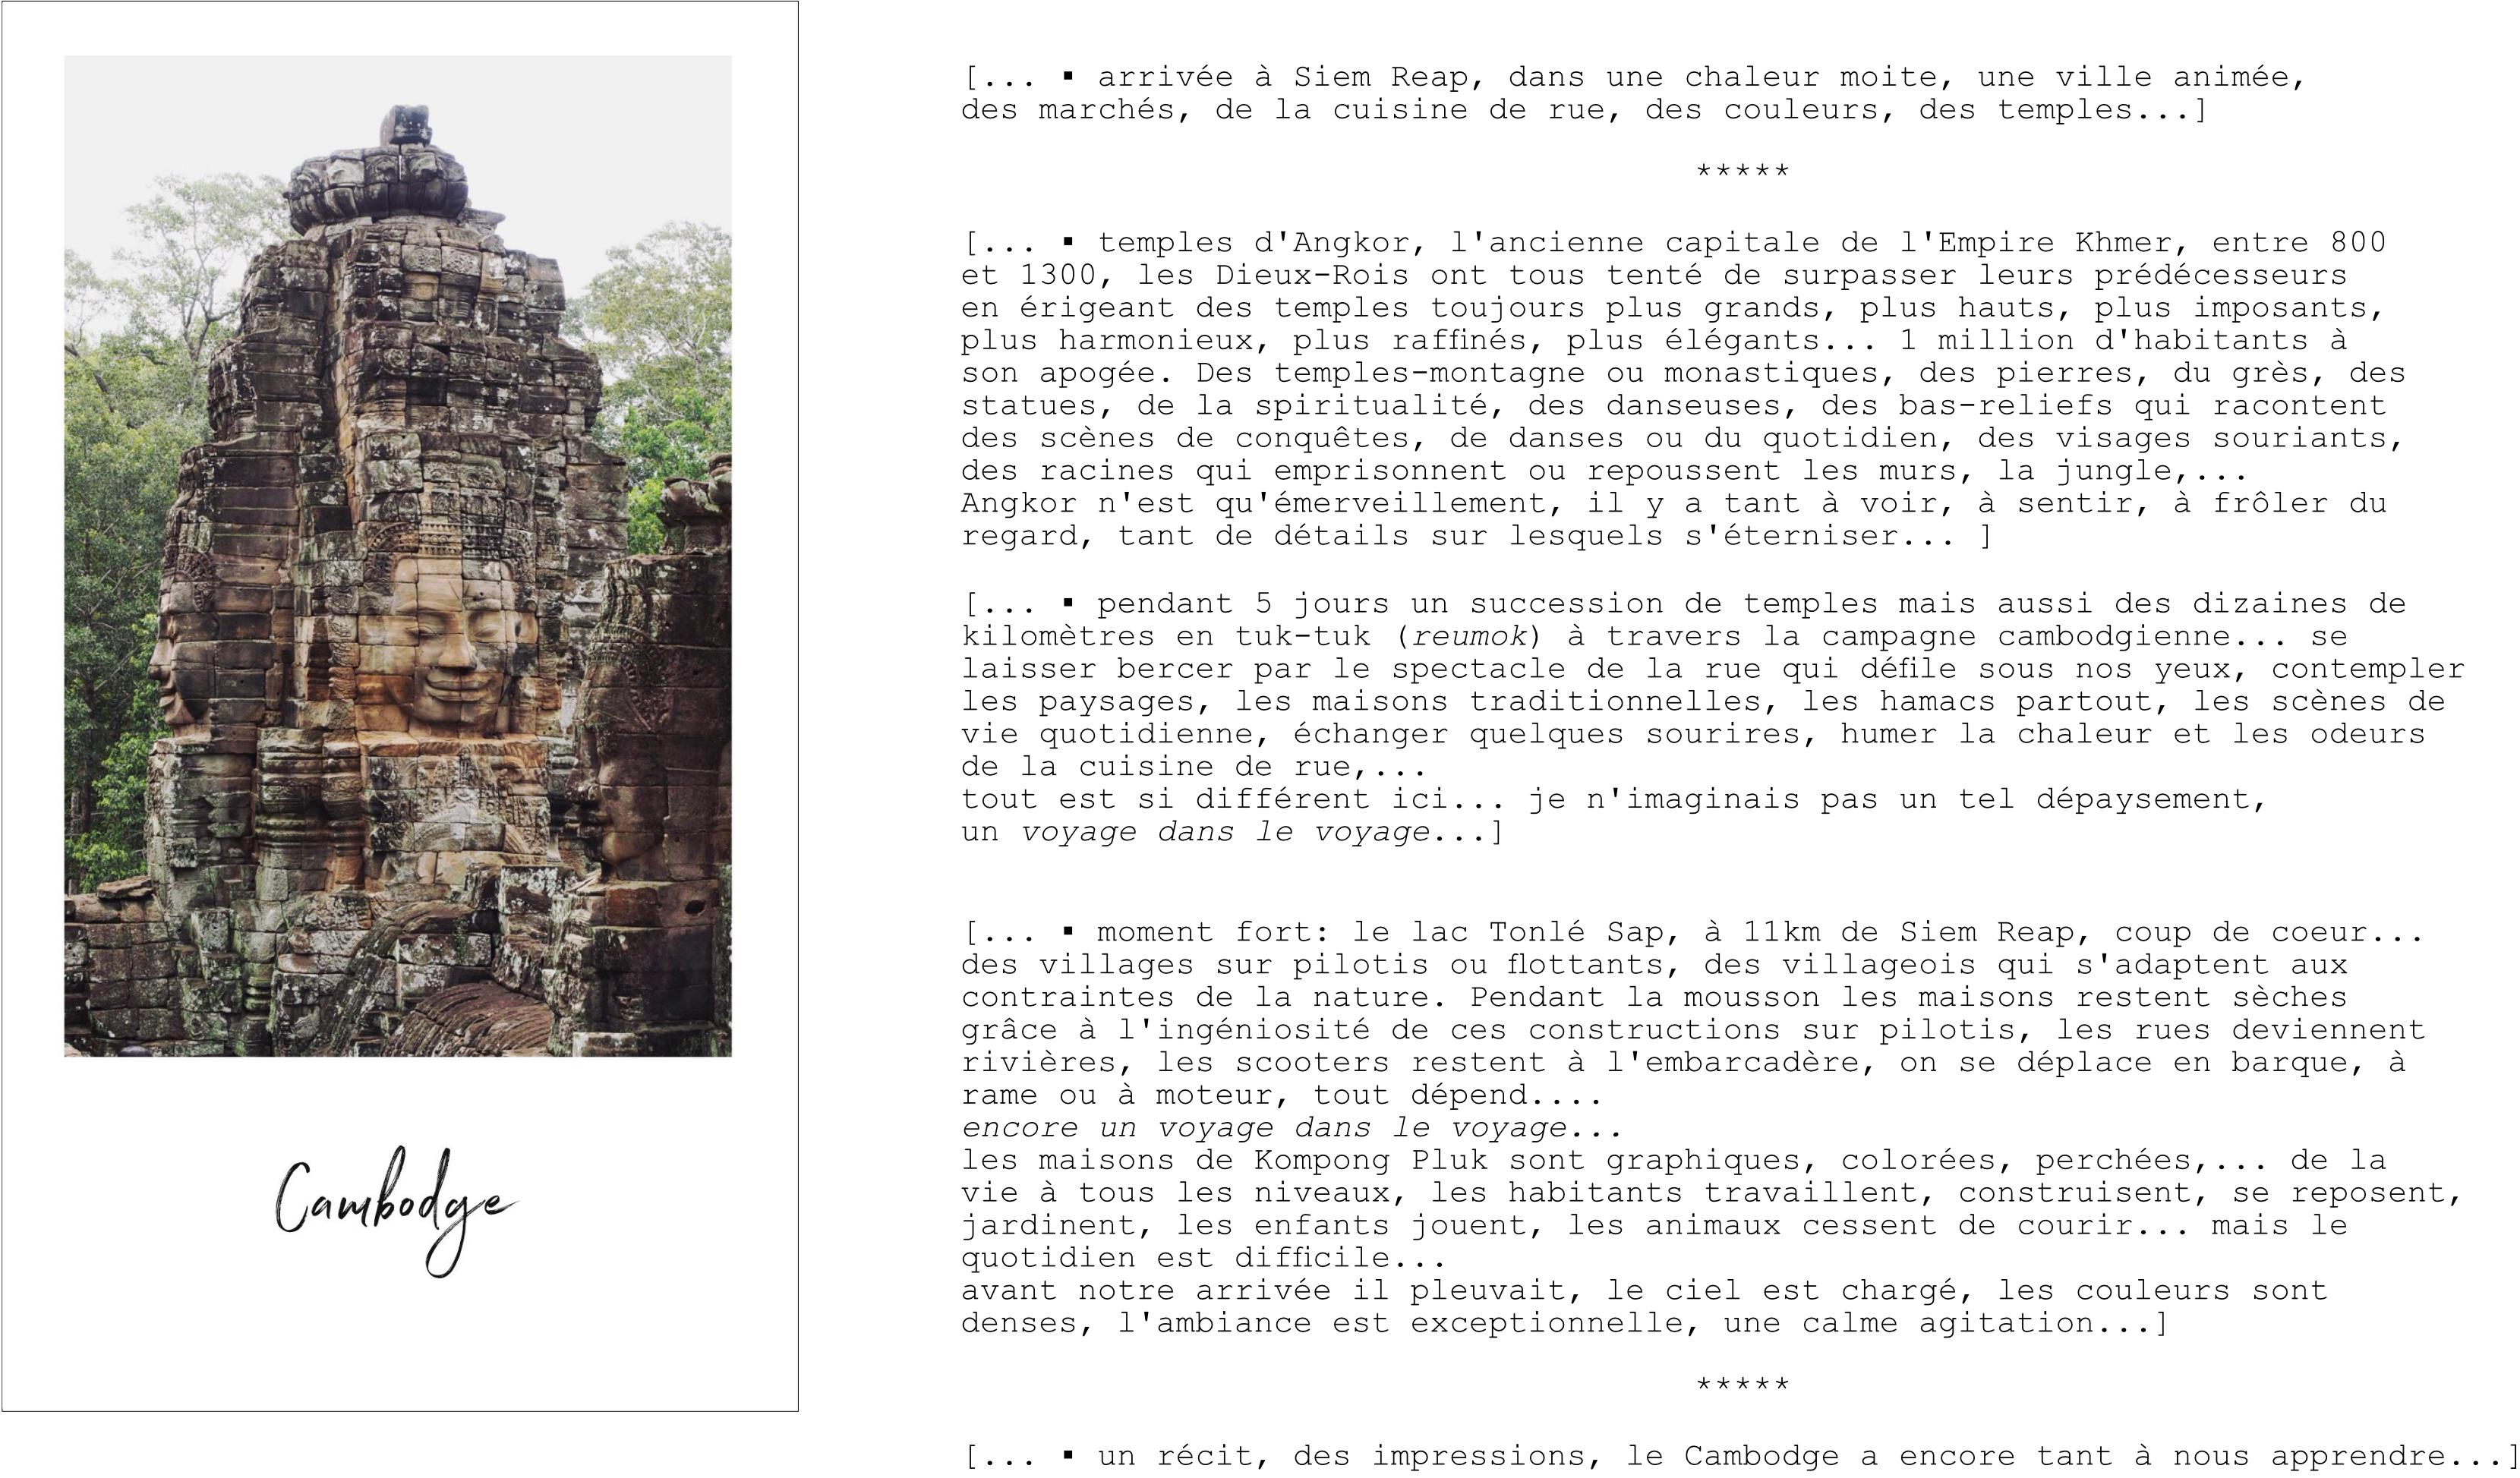 découvrir le cambodge - que voir au cambodge - visiter le cambodge - siem reap